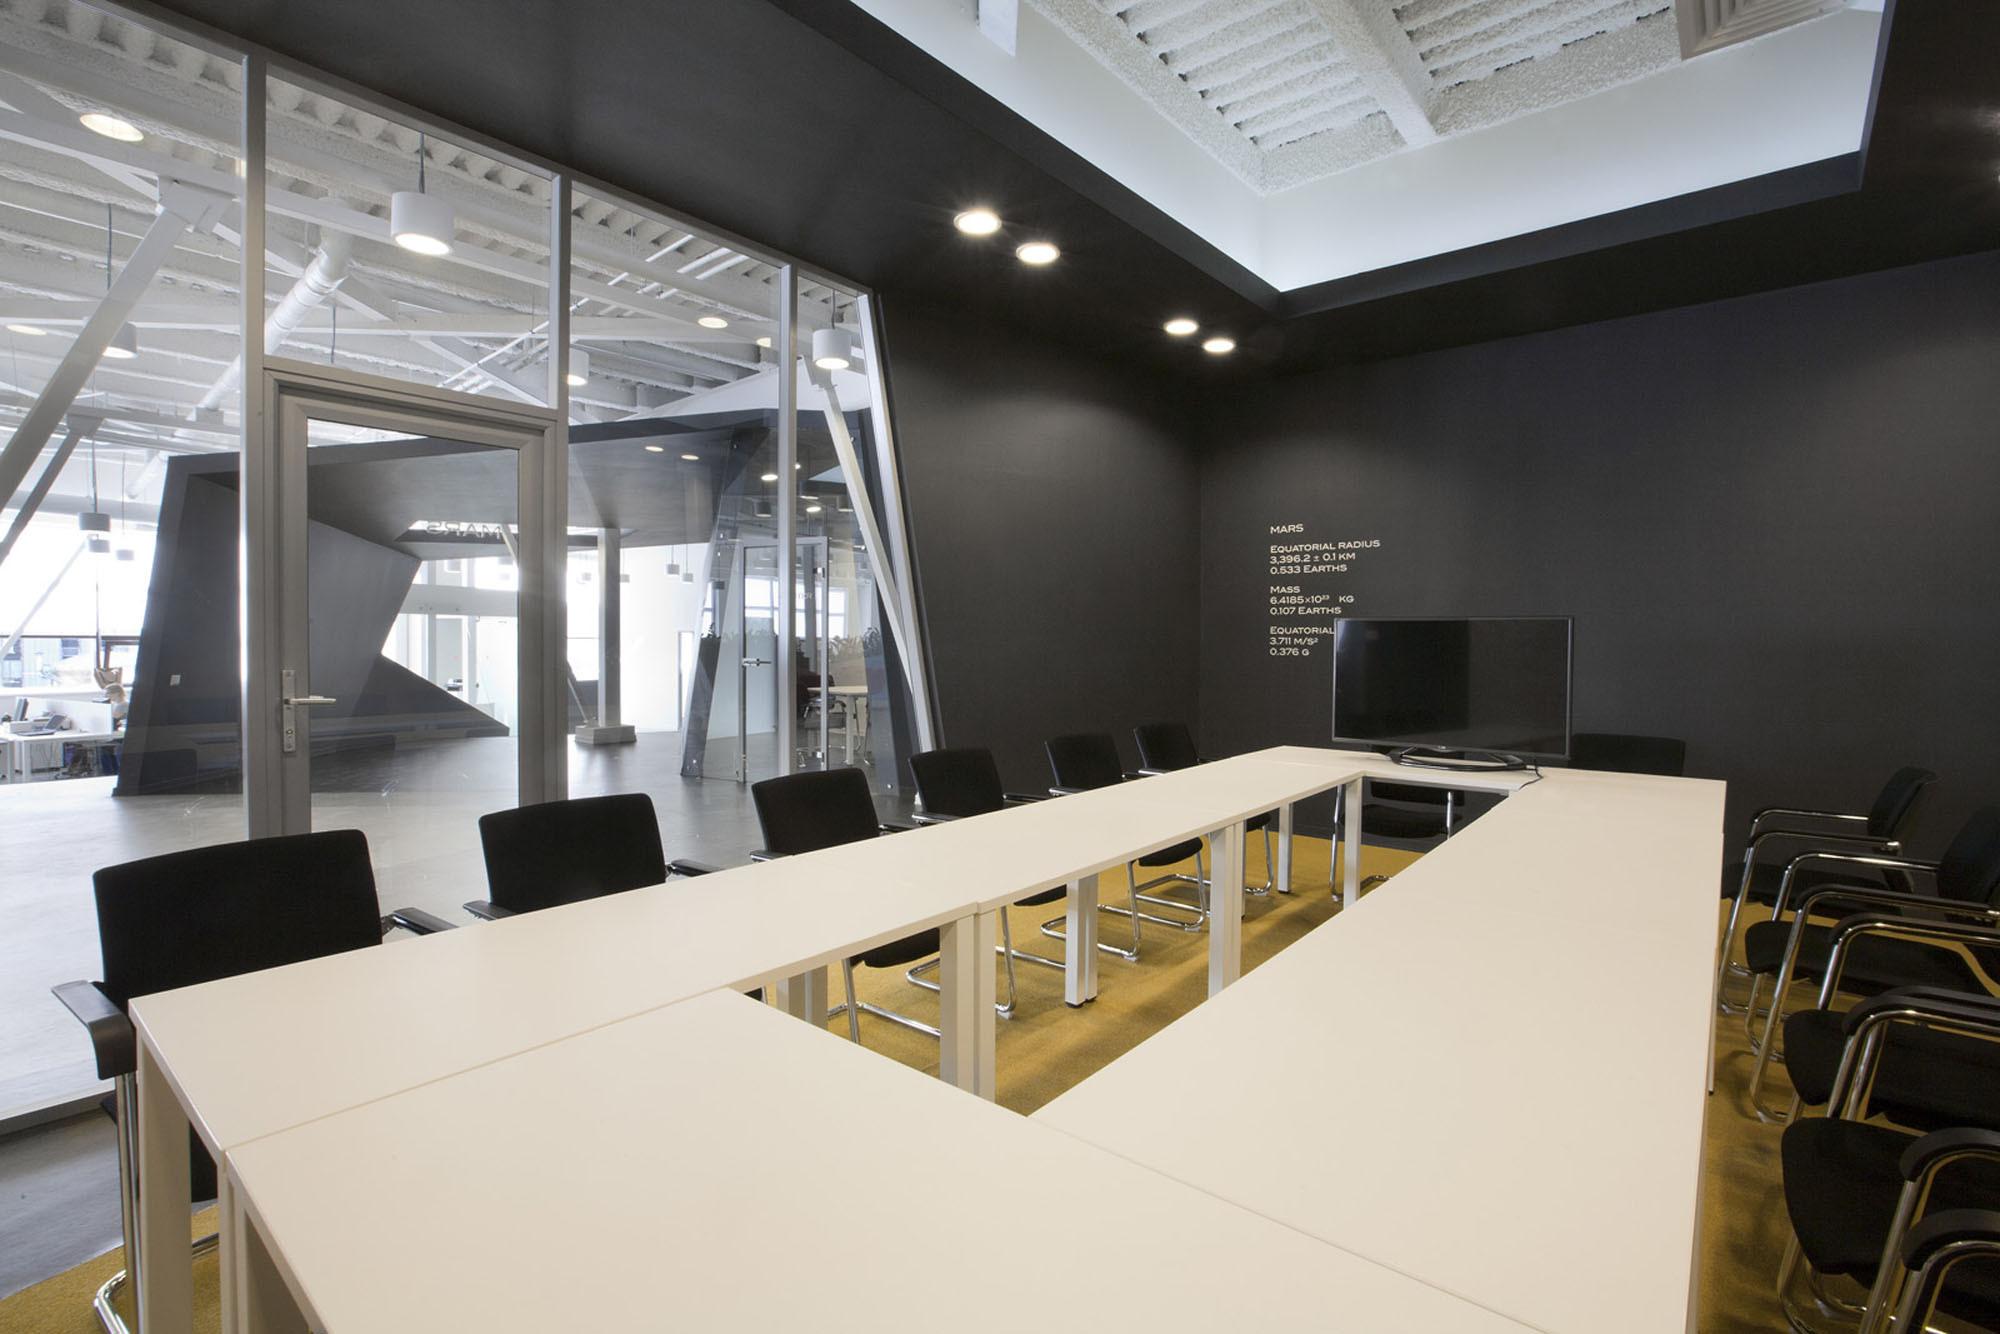 Büros IPONWEB_1.jpg